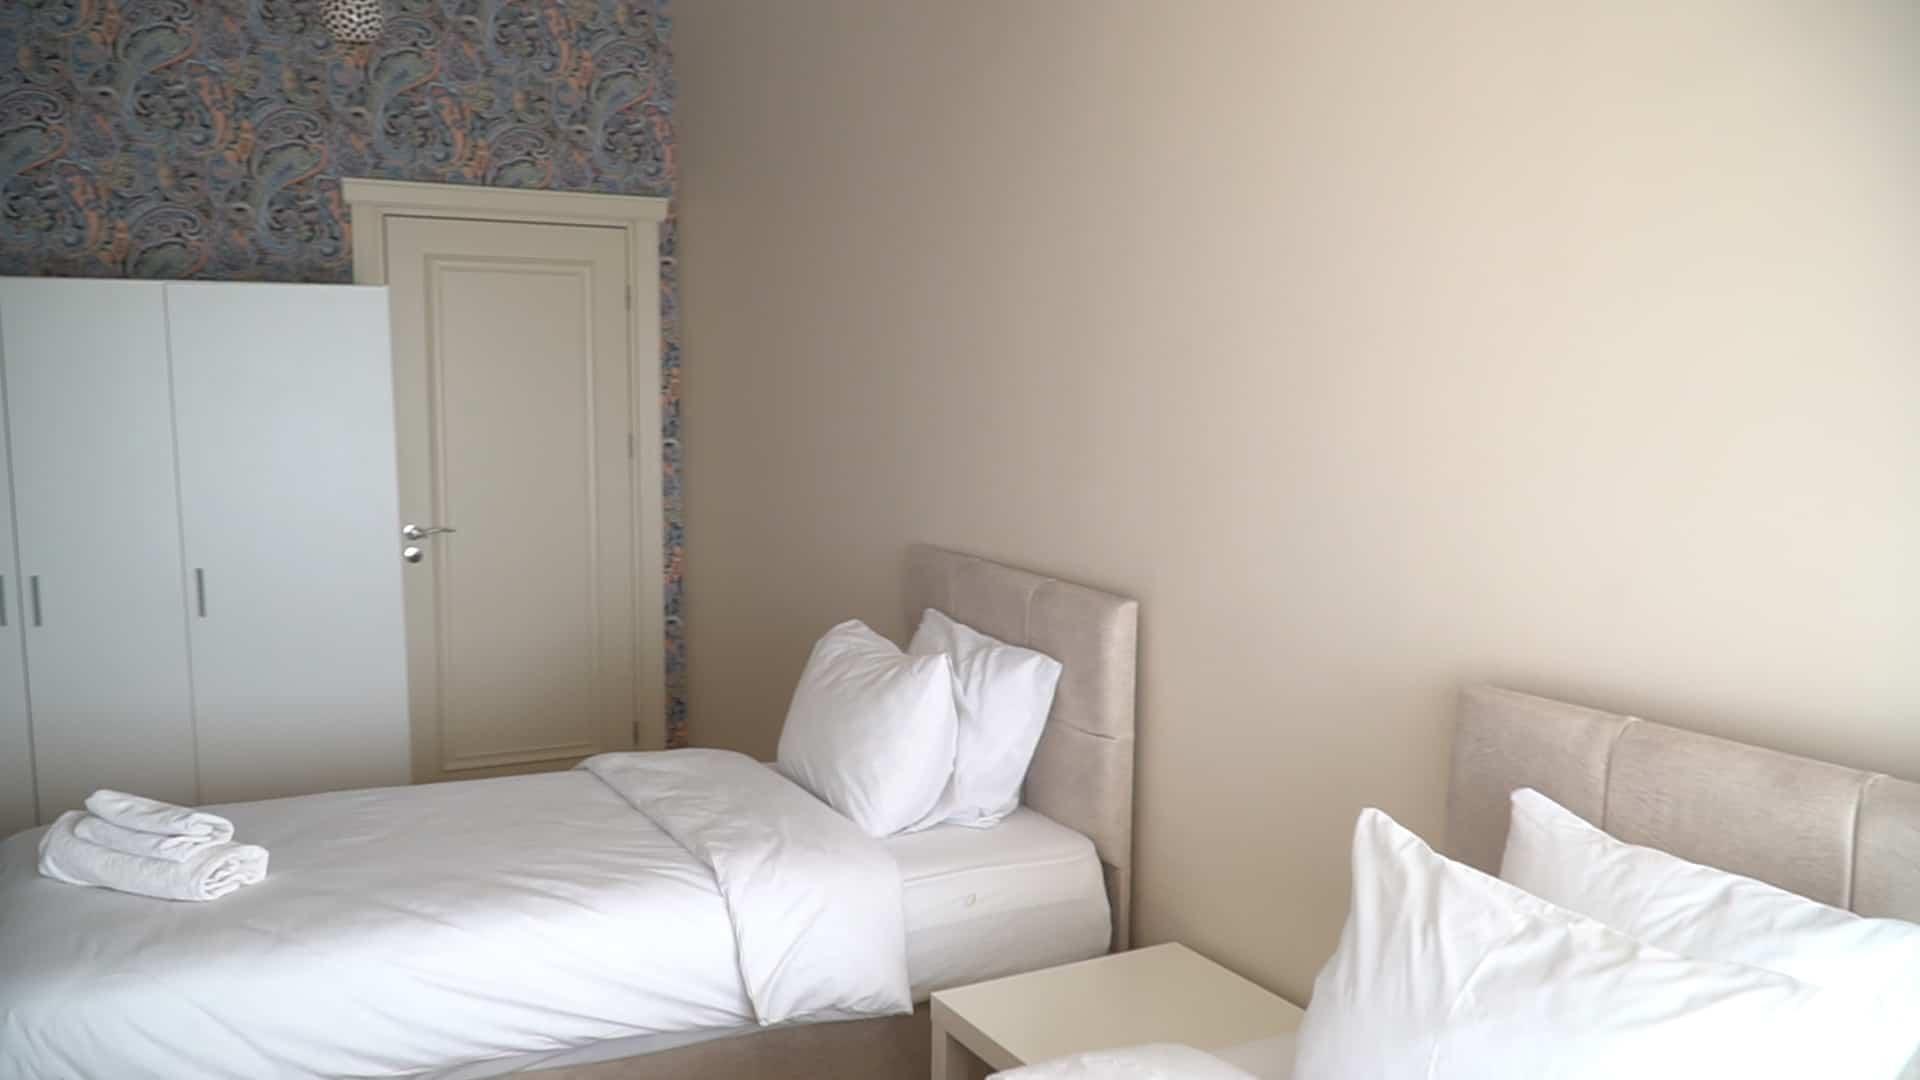 غرفة اطفال شقة 3 غرف وصالون للايجار في مول فينيسيا